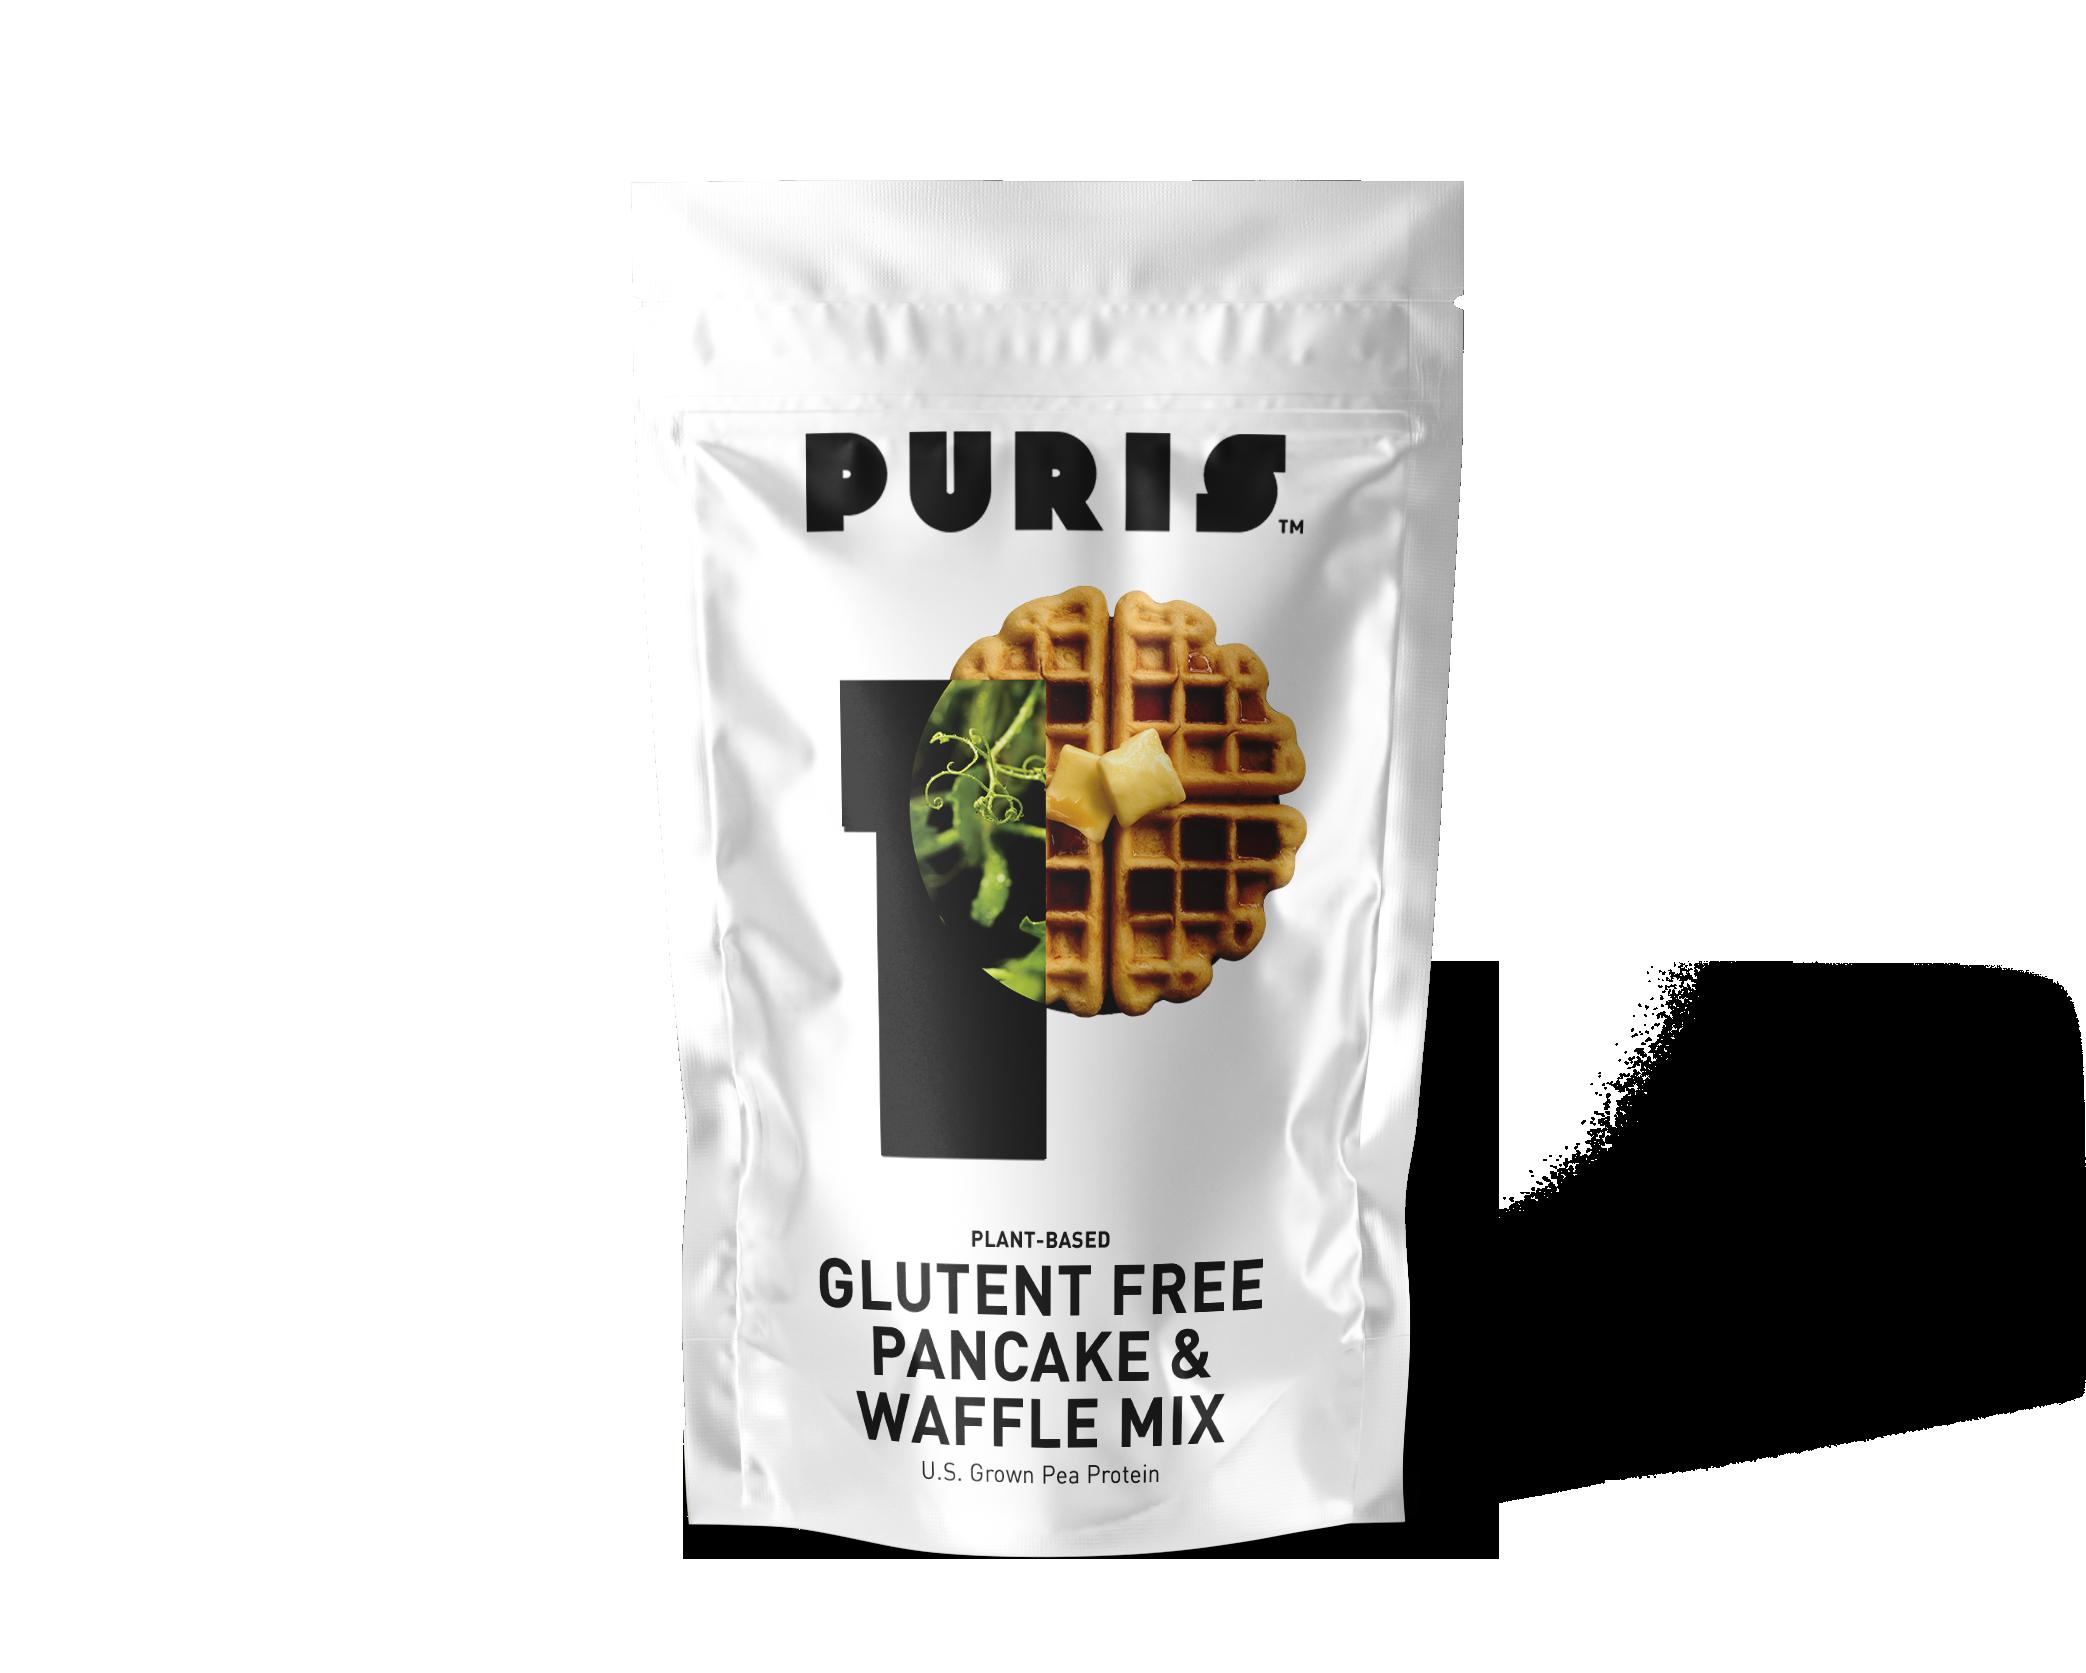 PURIS Gluten-Free Waffle Mix